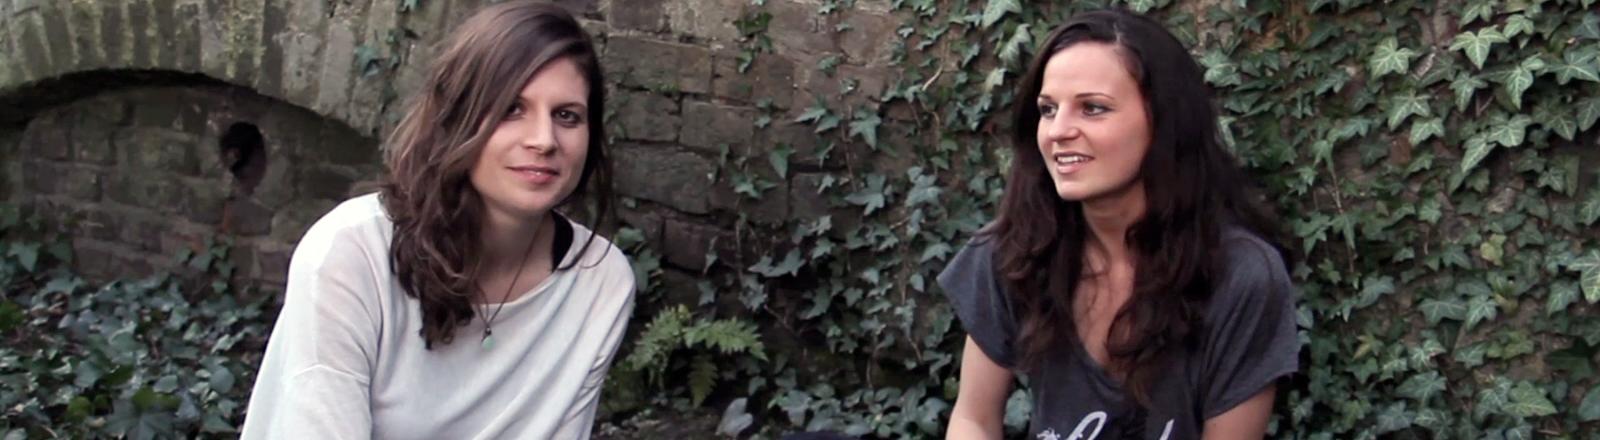 Regina Mennig (links) und Jenny Hellmann bei Aufnahmen für ihr Crowdfunding-Video